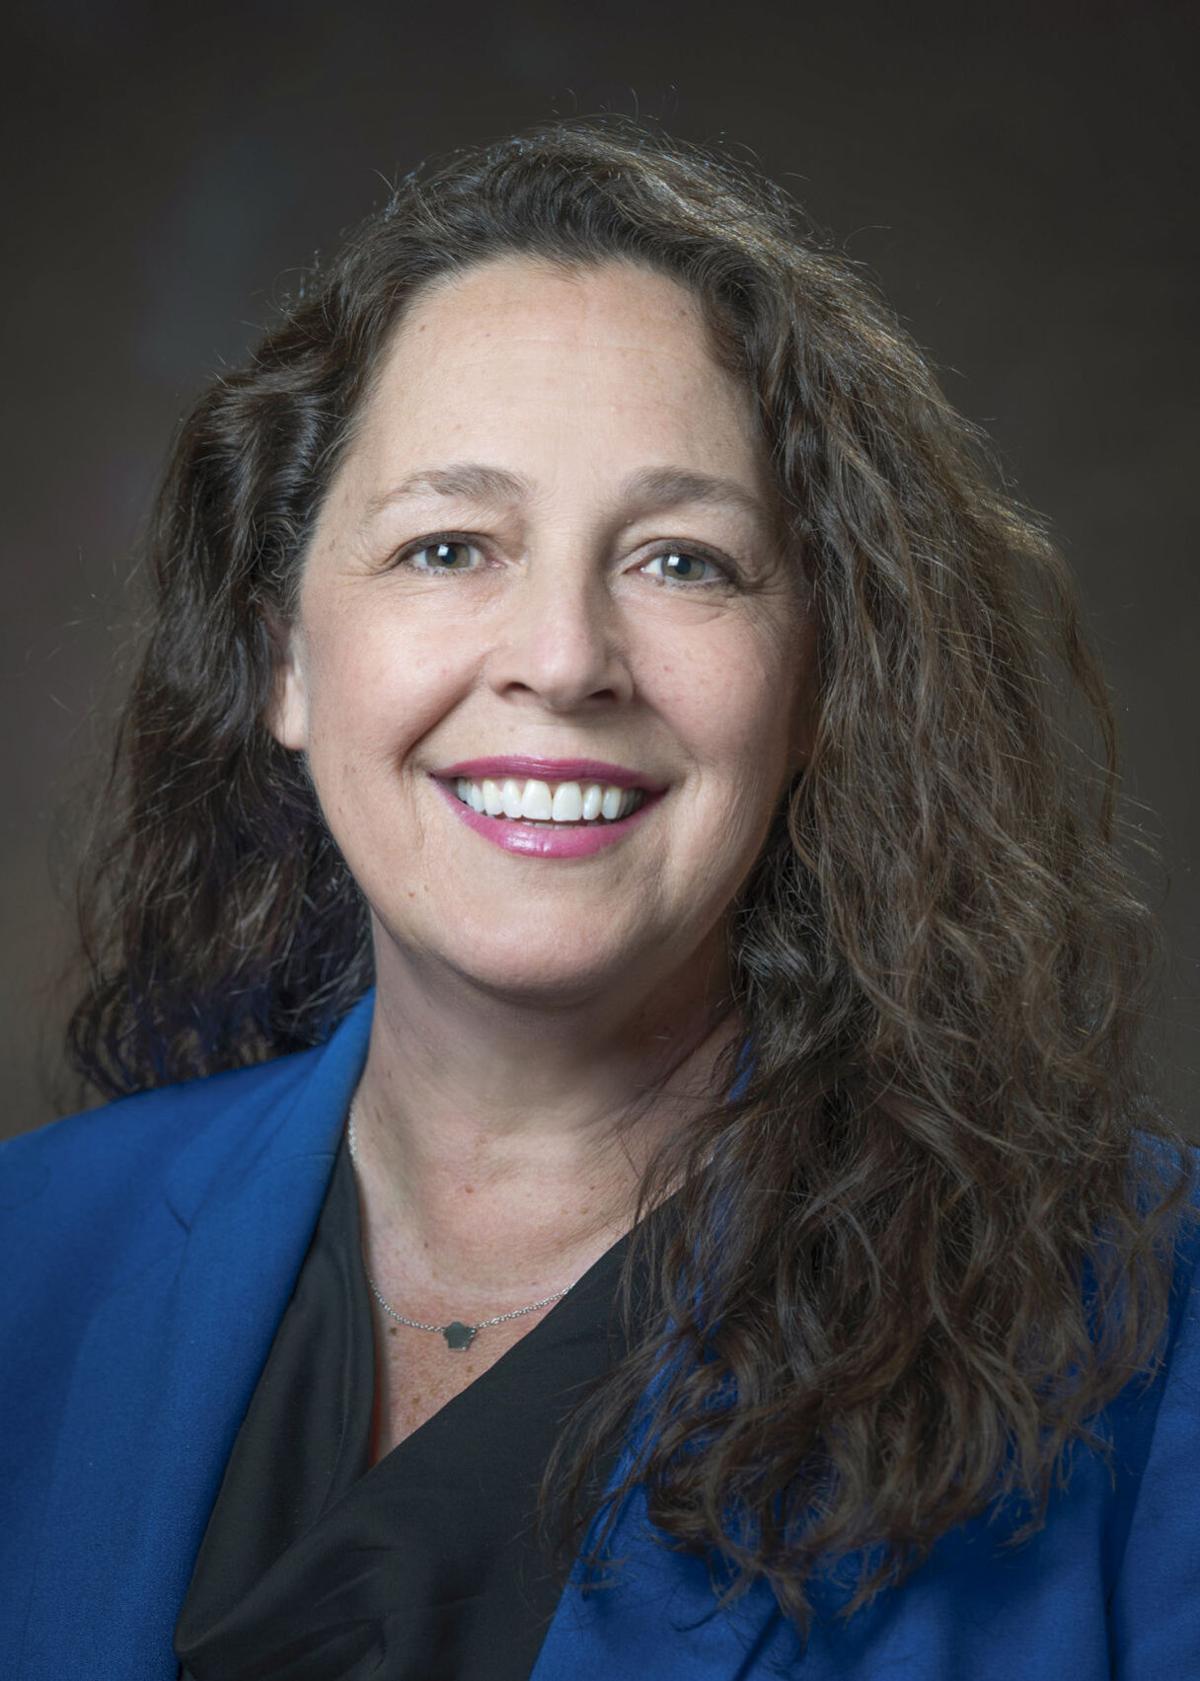 Rep. Jill Billings